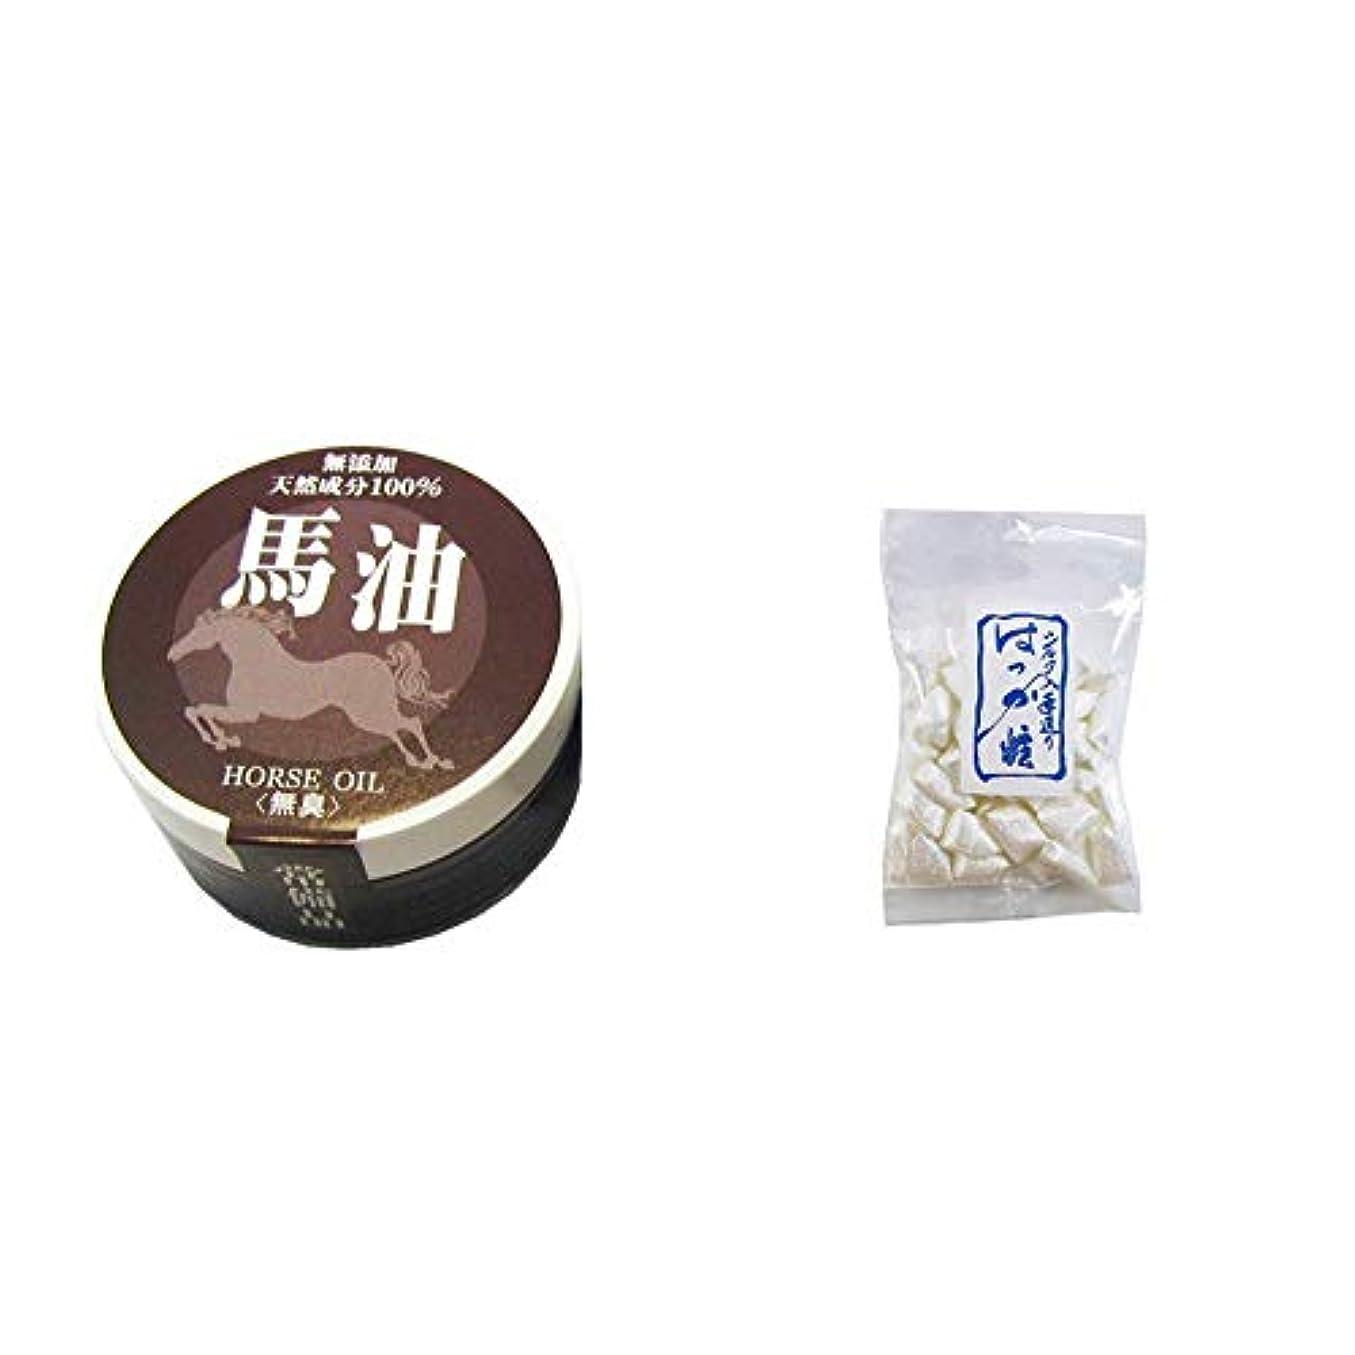 アミューズ愛情耕す[2点セット] 無添加天然成分100% 馬油[無香料](38g)?シルクはっか糖(150g)